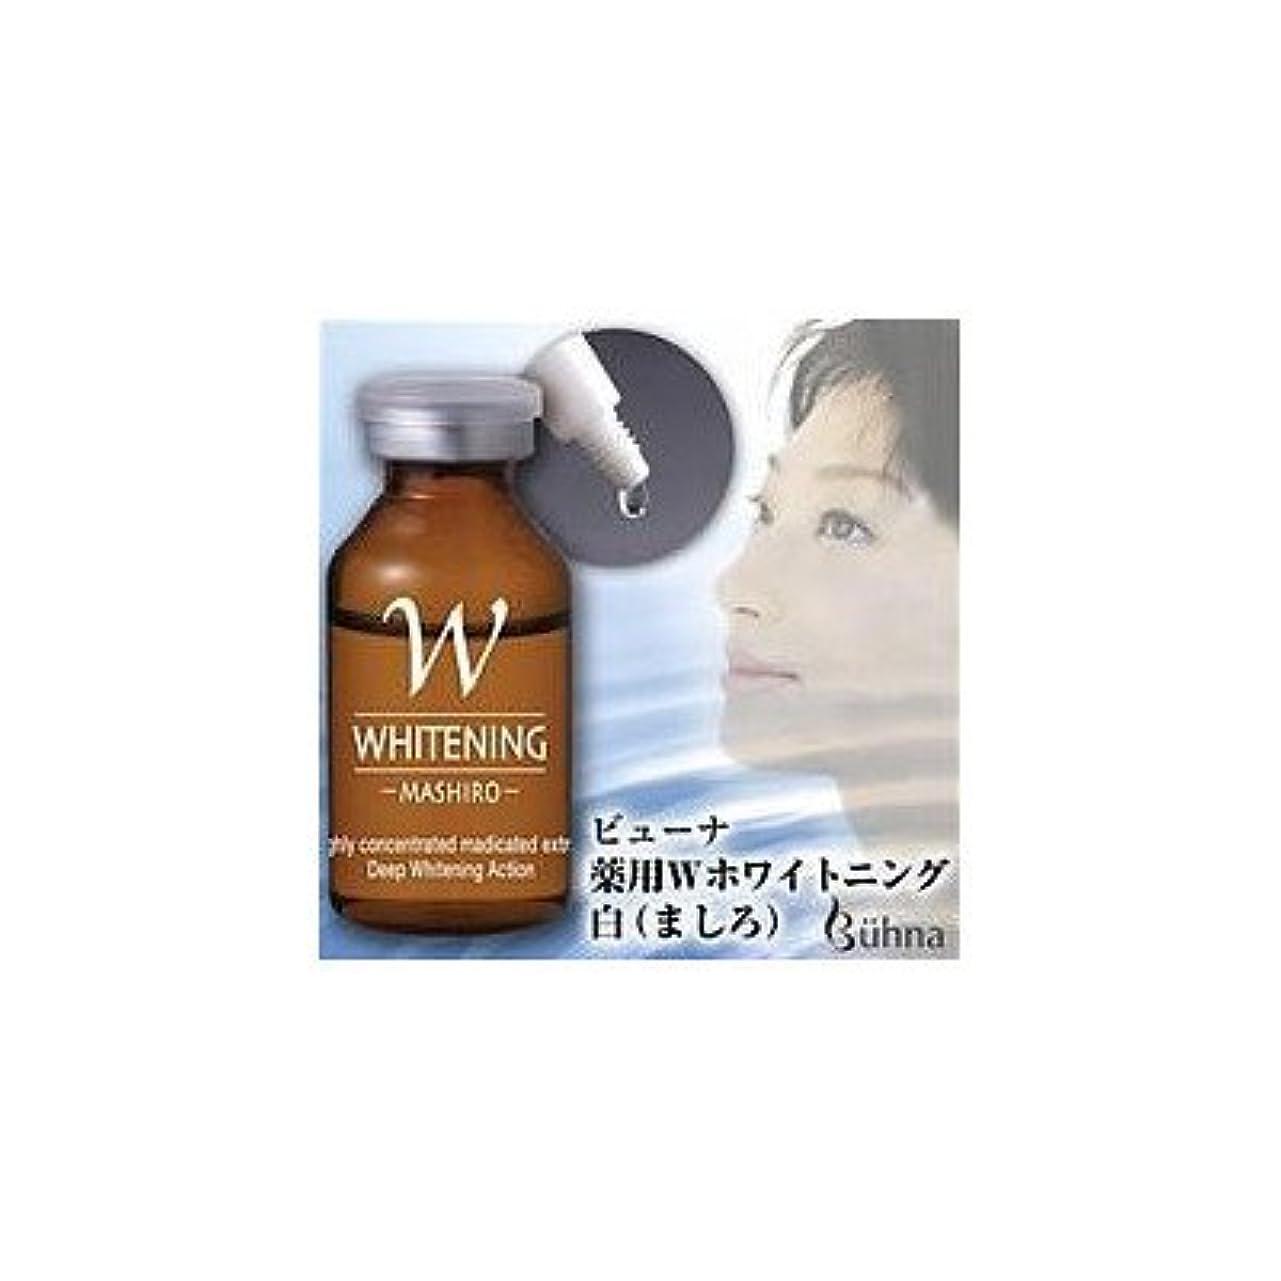 傑出した鉱石教室翌朝の肌で感じる美肌力 ビューナ 薬用Wホワイトニング 白